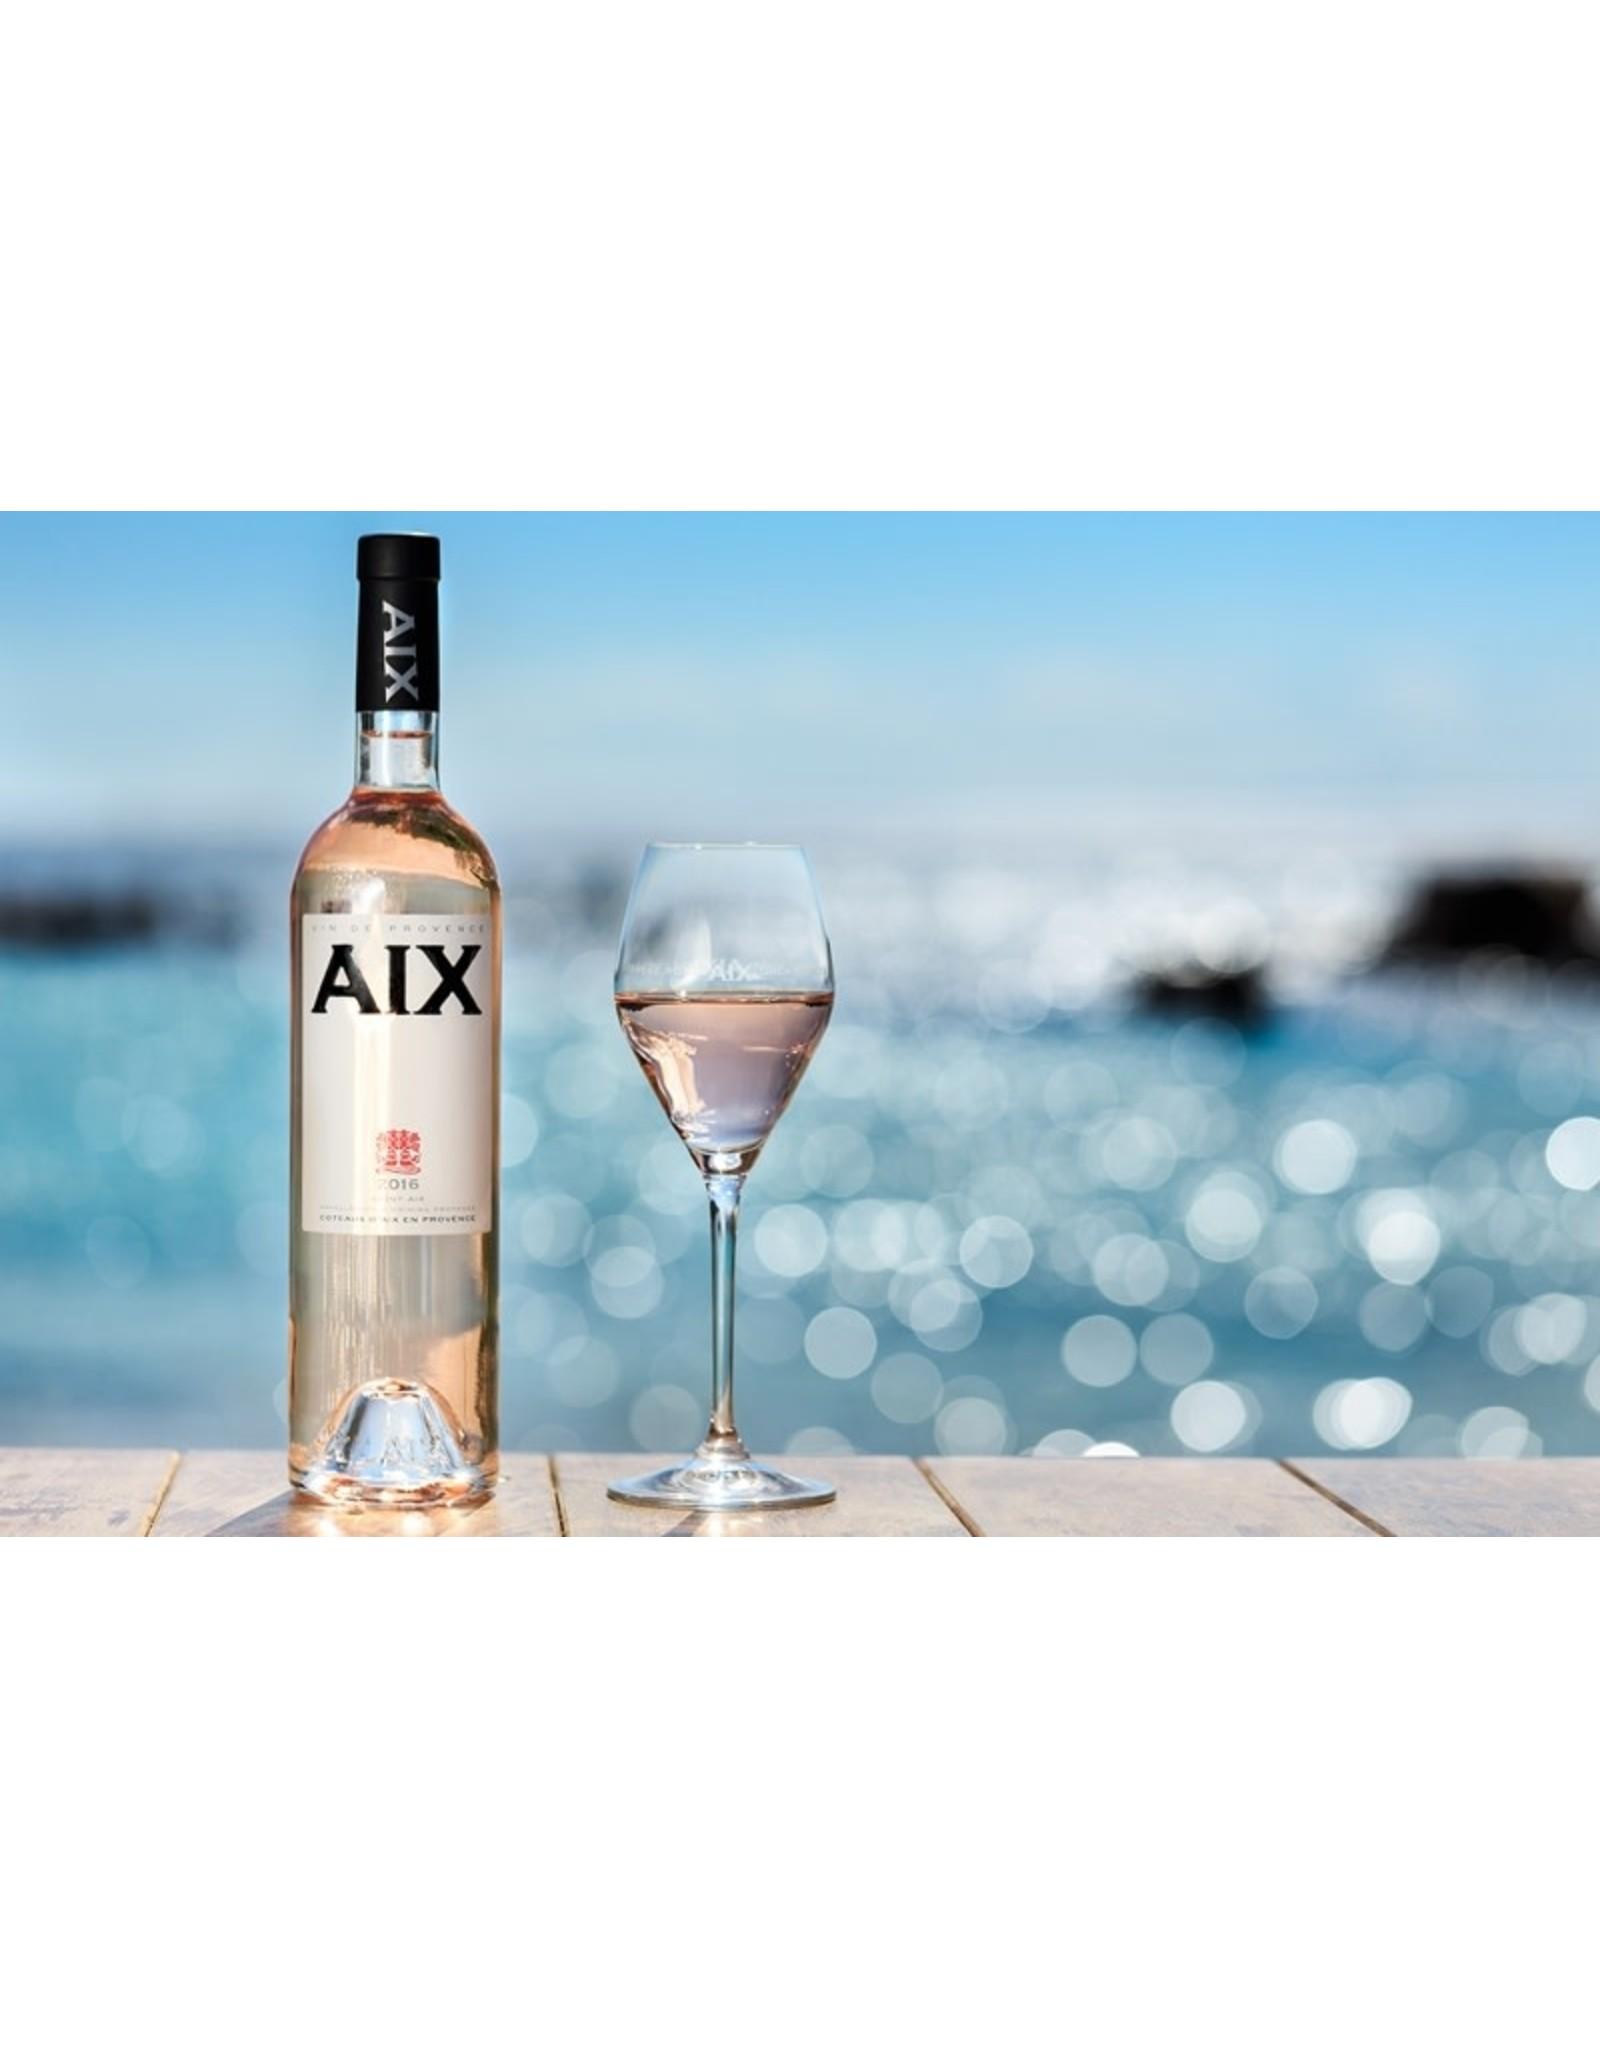 Maison Saint AIX Maison Saint AIX Couteaux d'Aix-en-Provence (2019)